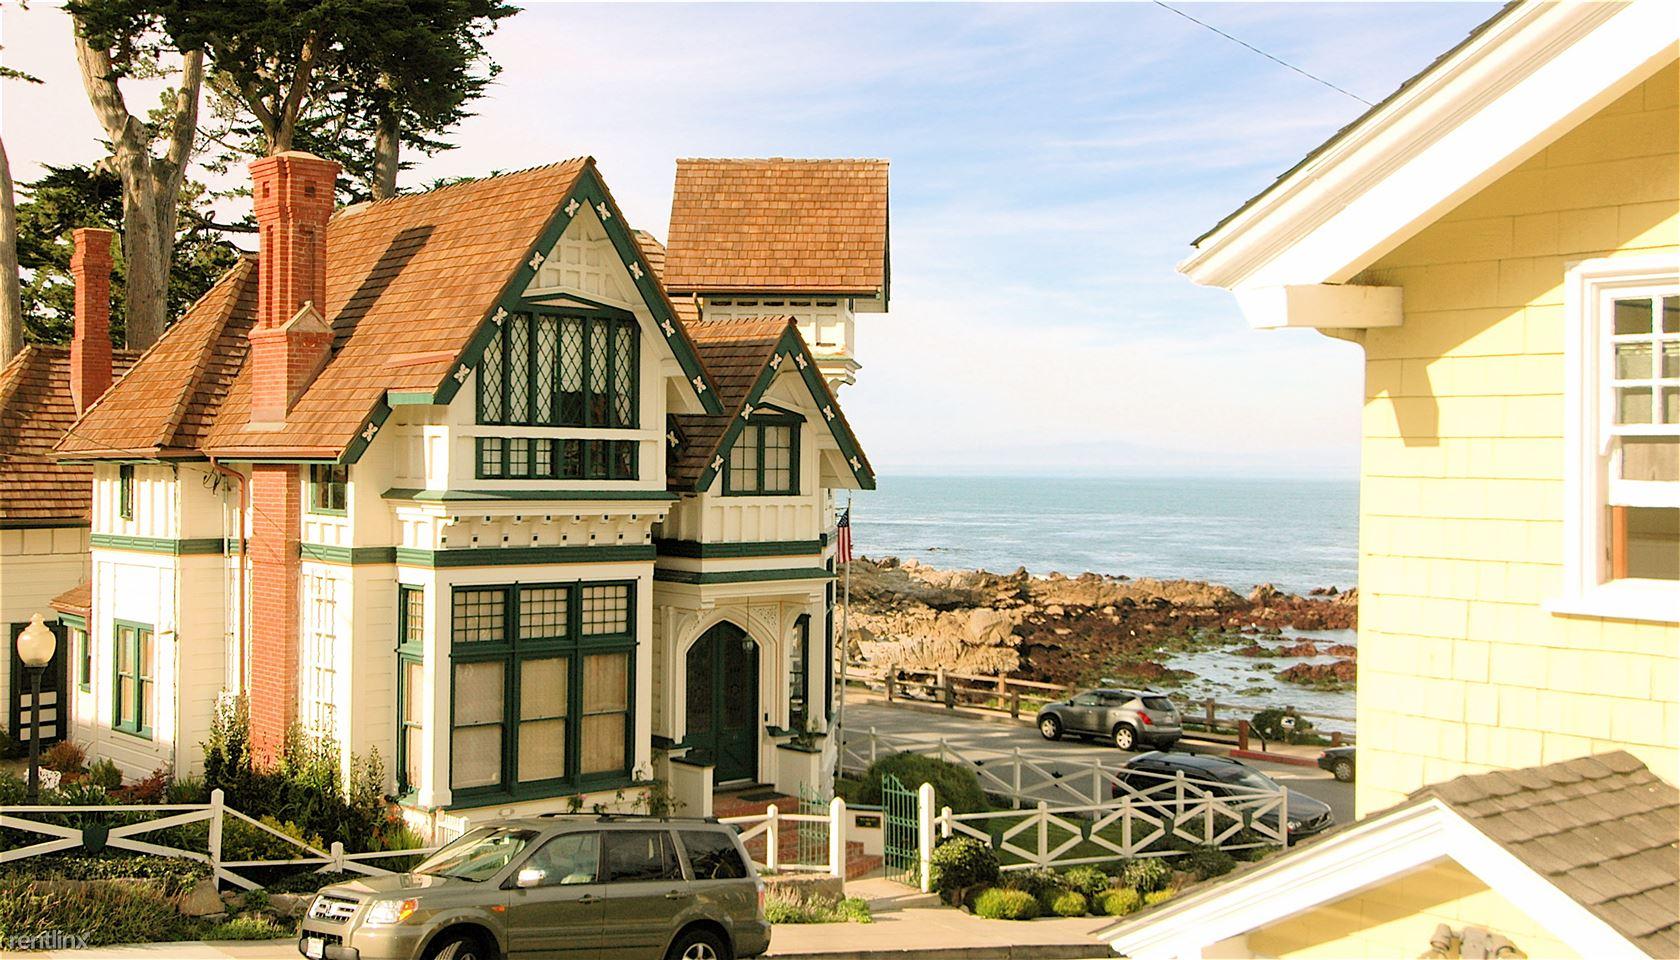 105 5th St, Pacific Grove, CA - $3,968